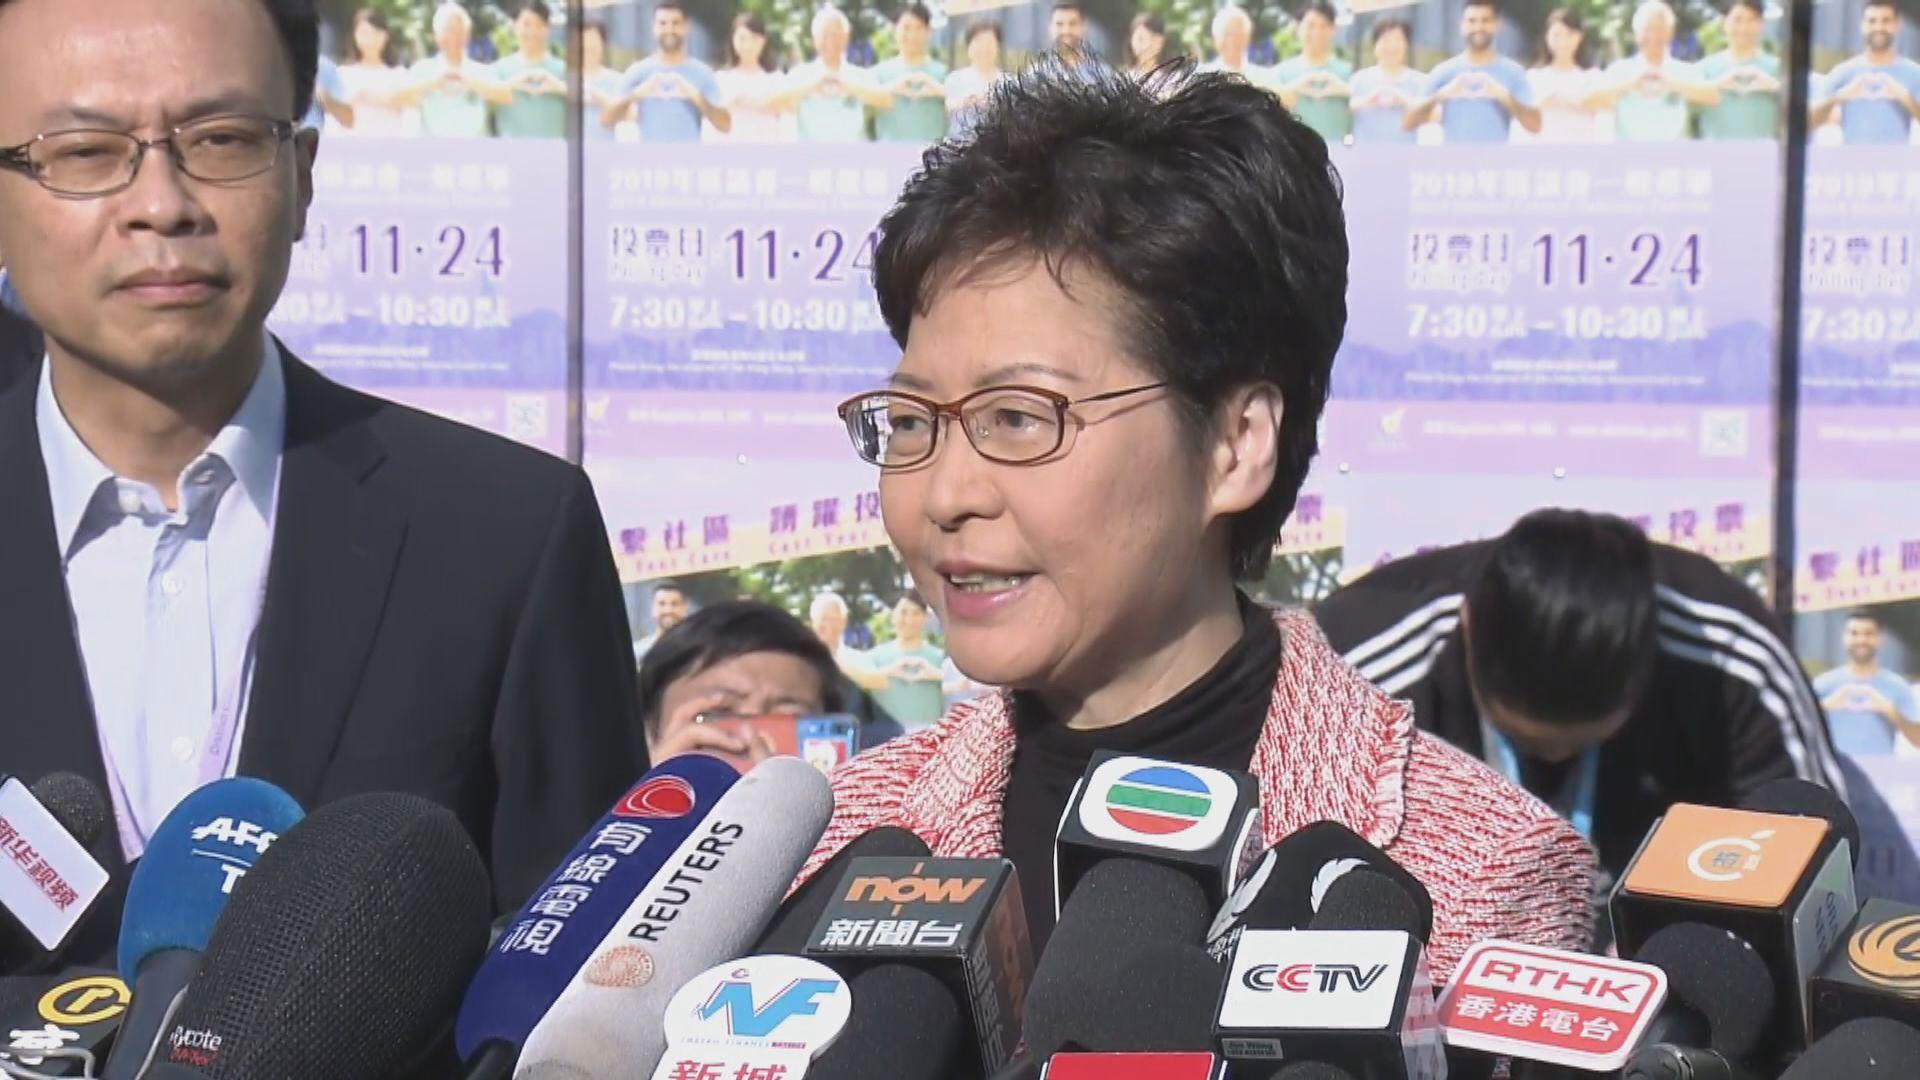 林鄭月娥投票後籲選民踴躍投票